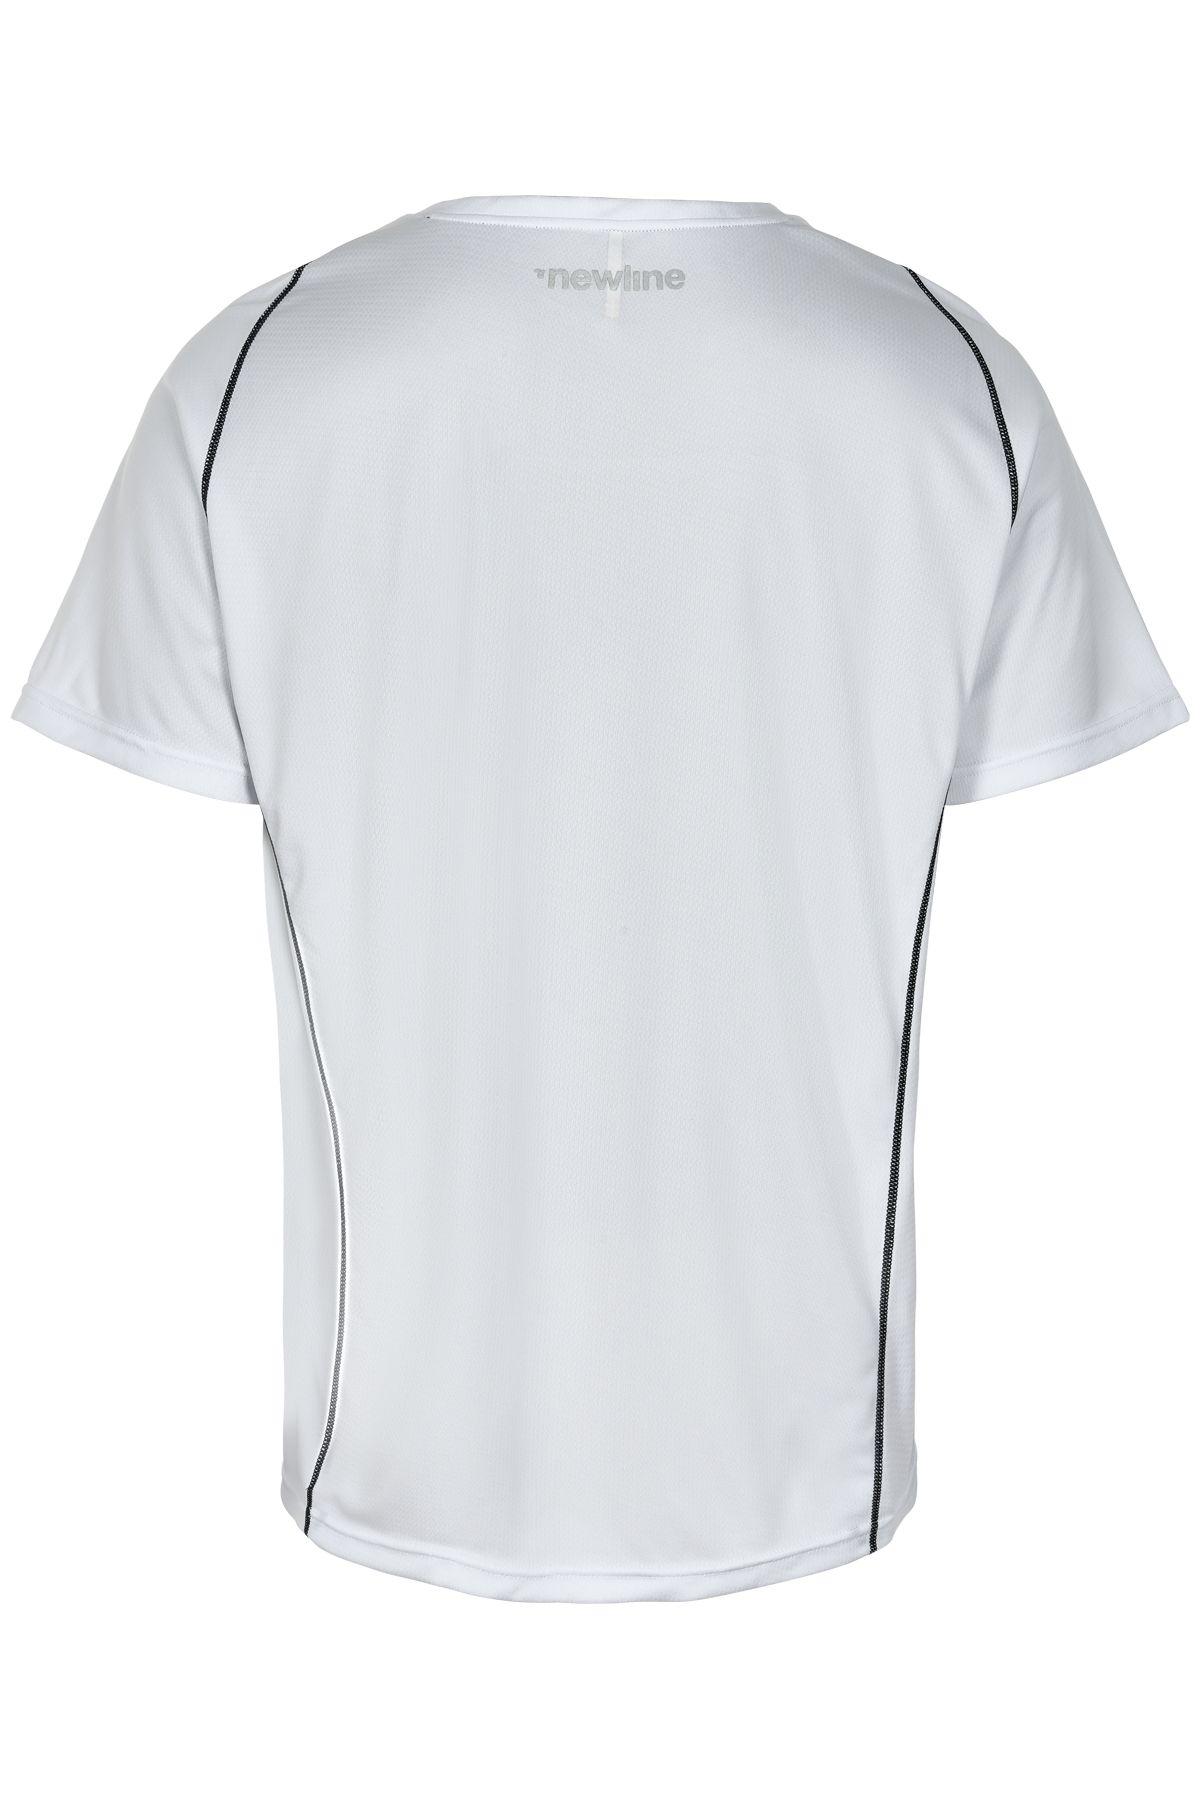 Newline Core Coolskin t-shirt, white, large